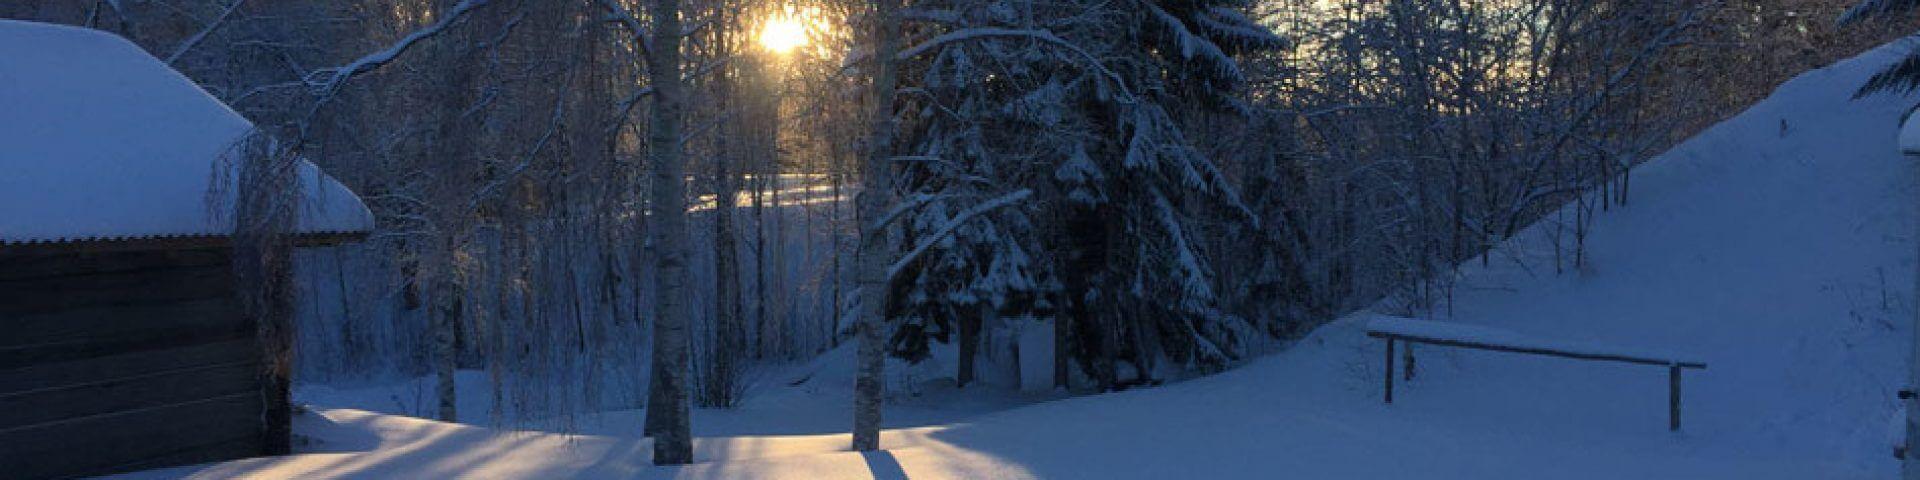 snow-e1443874881844.jpg